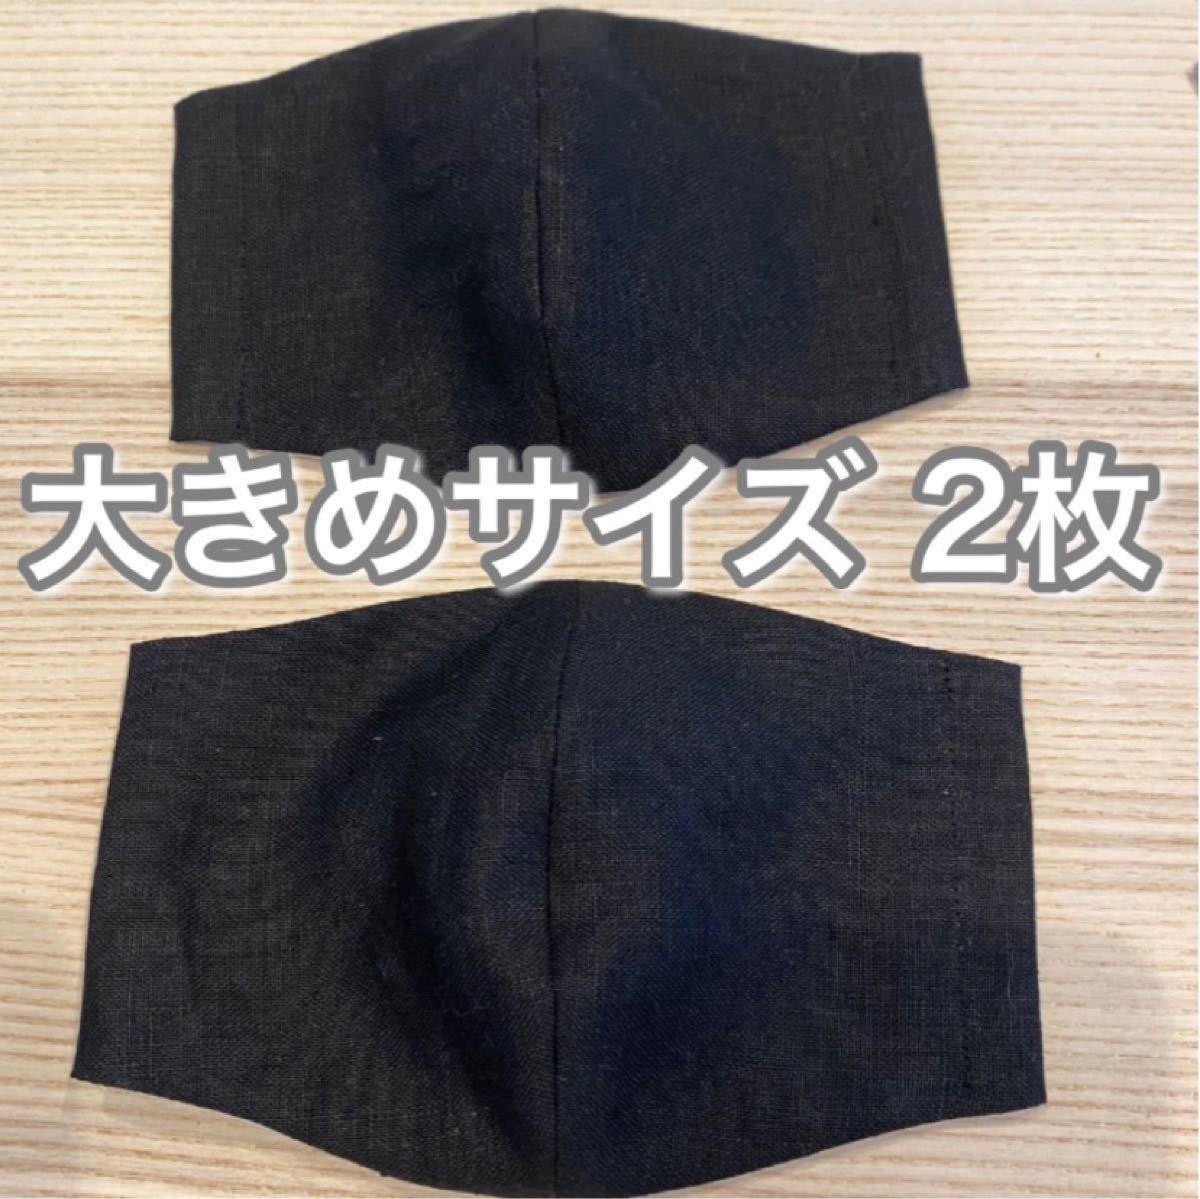 ハンドメイド 立体型インナー 大きめサイズ 2枚セット リネン ブラック 男性用 メンズサイズ ナチュラル シンプル ゴム付き